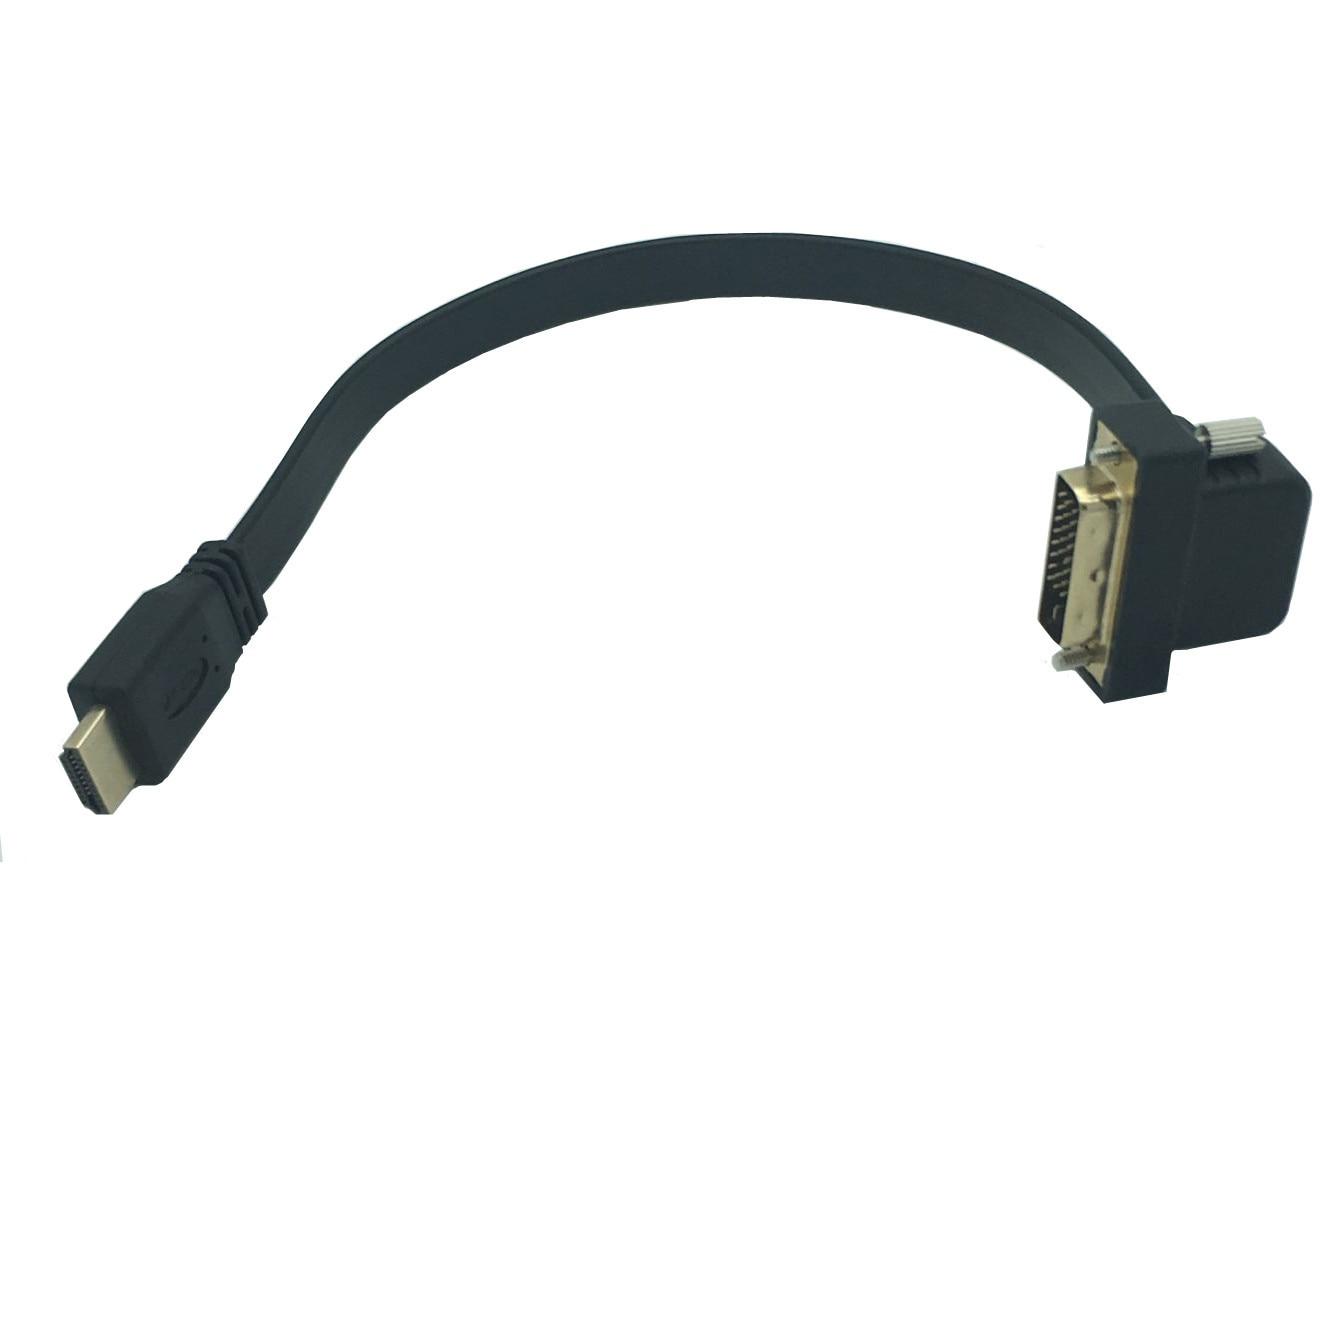 Flachen Dünnen High Speed hdmi DVI 24 + 1 Stecker 90 winkel Kabel 0 ...